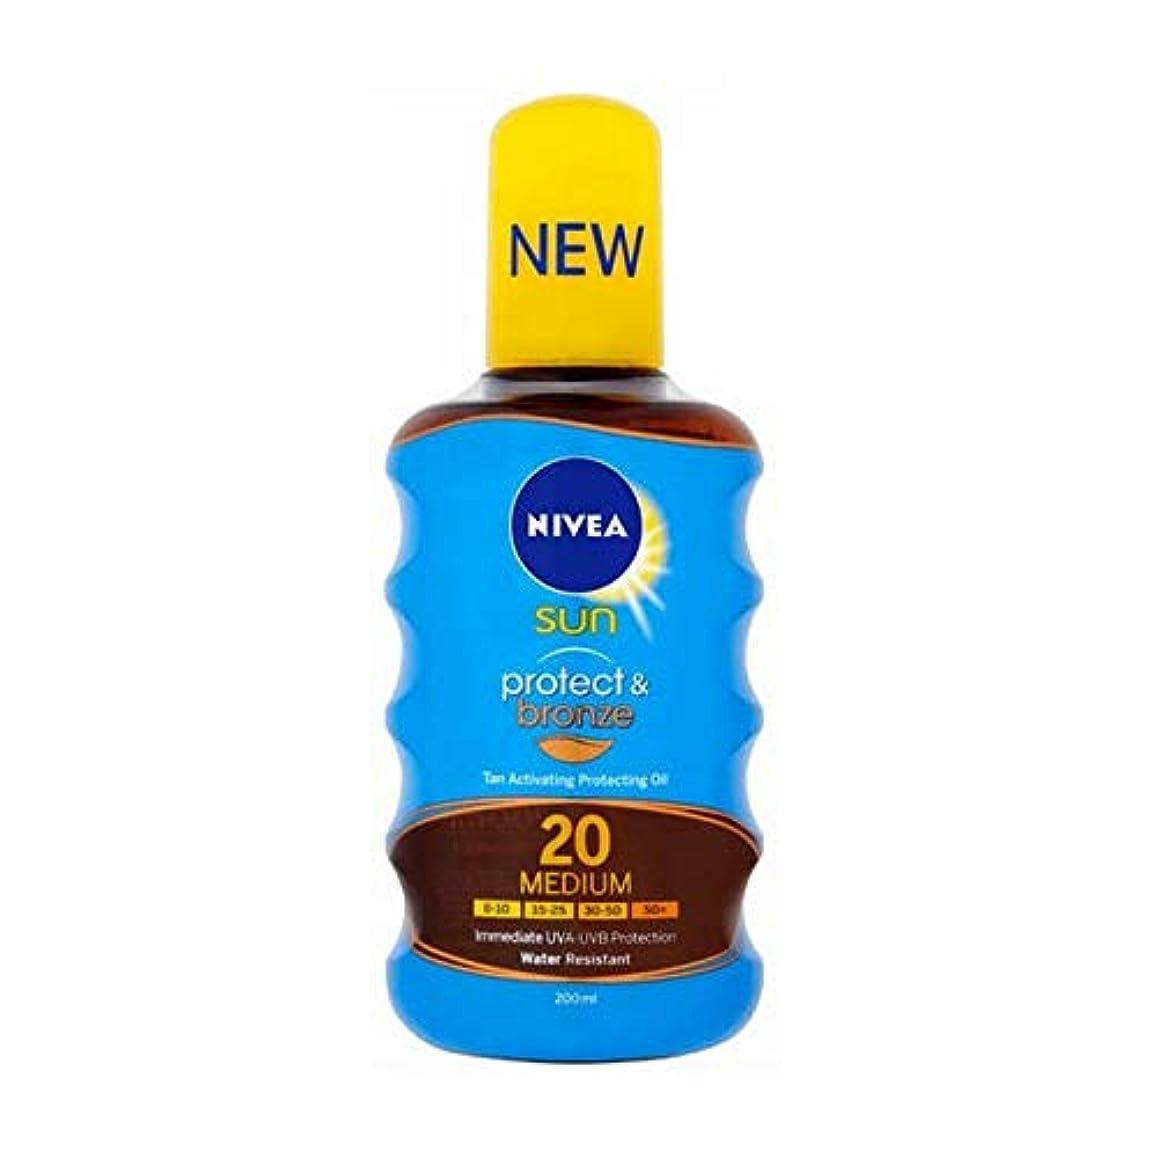 辞任するコンベンション酸素[Nivea ] ニベア日焼けオイルSpf20プロテクト&ブロンズ200ミリリットル活性化 - NIVEA SUN Tan Activating Oil SPF20 Protect&Bronze 200ml [並行輸入品]